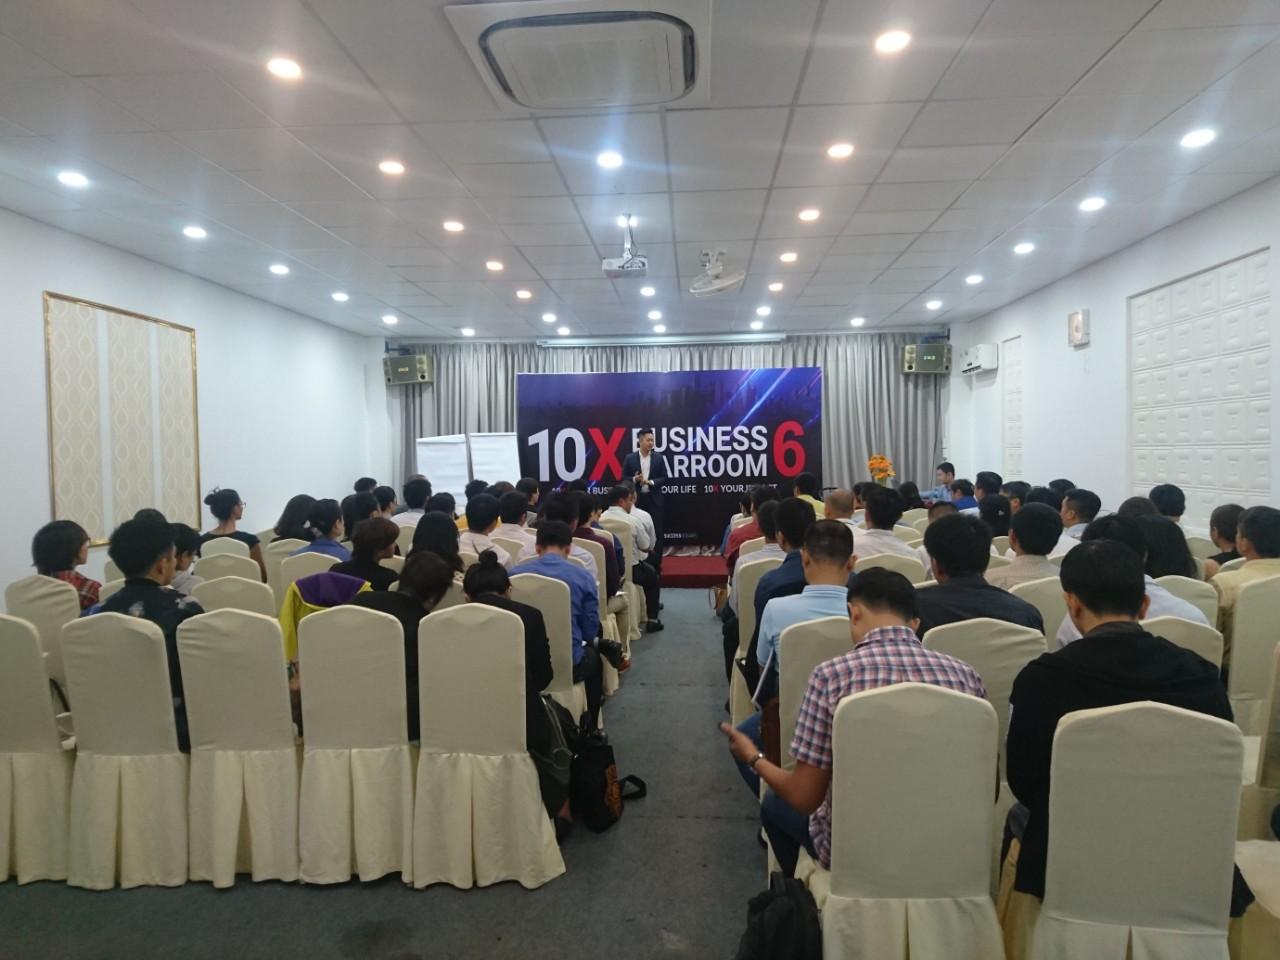 Hội thảo 10 X BUSSINESS WARROOM diễn ra tốt đẹp đạt nhiều mong đợi